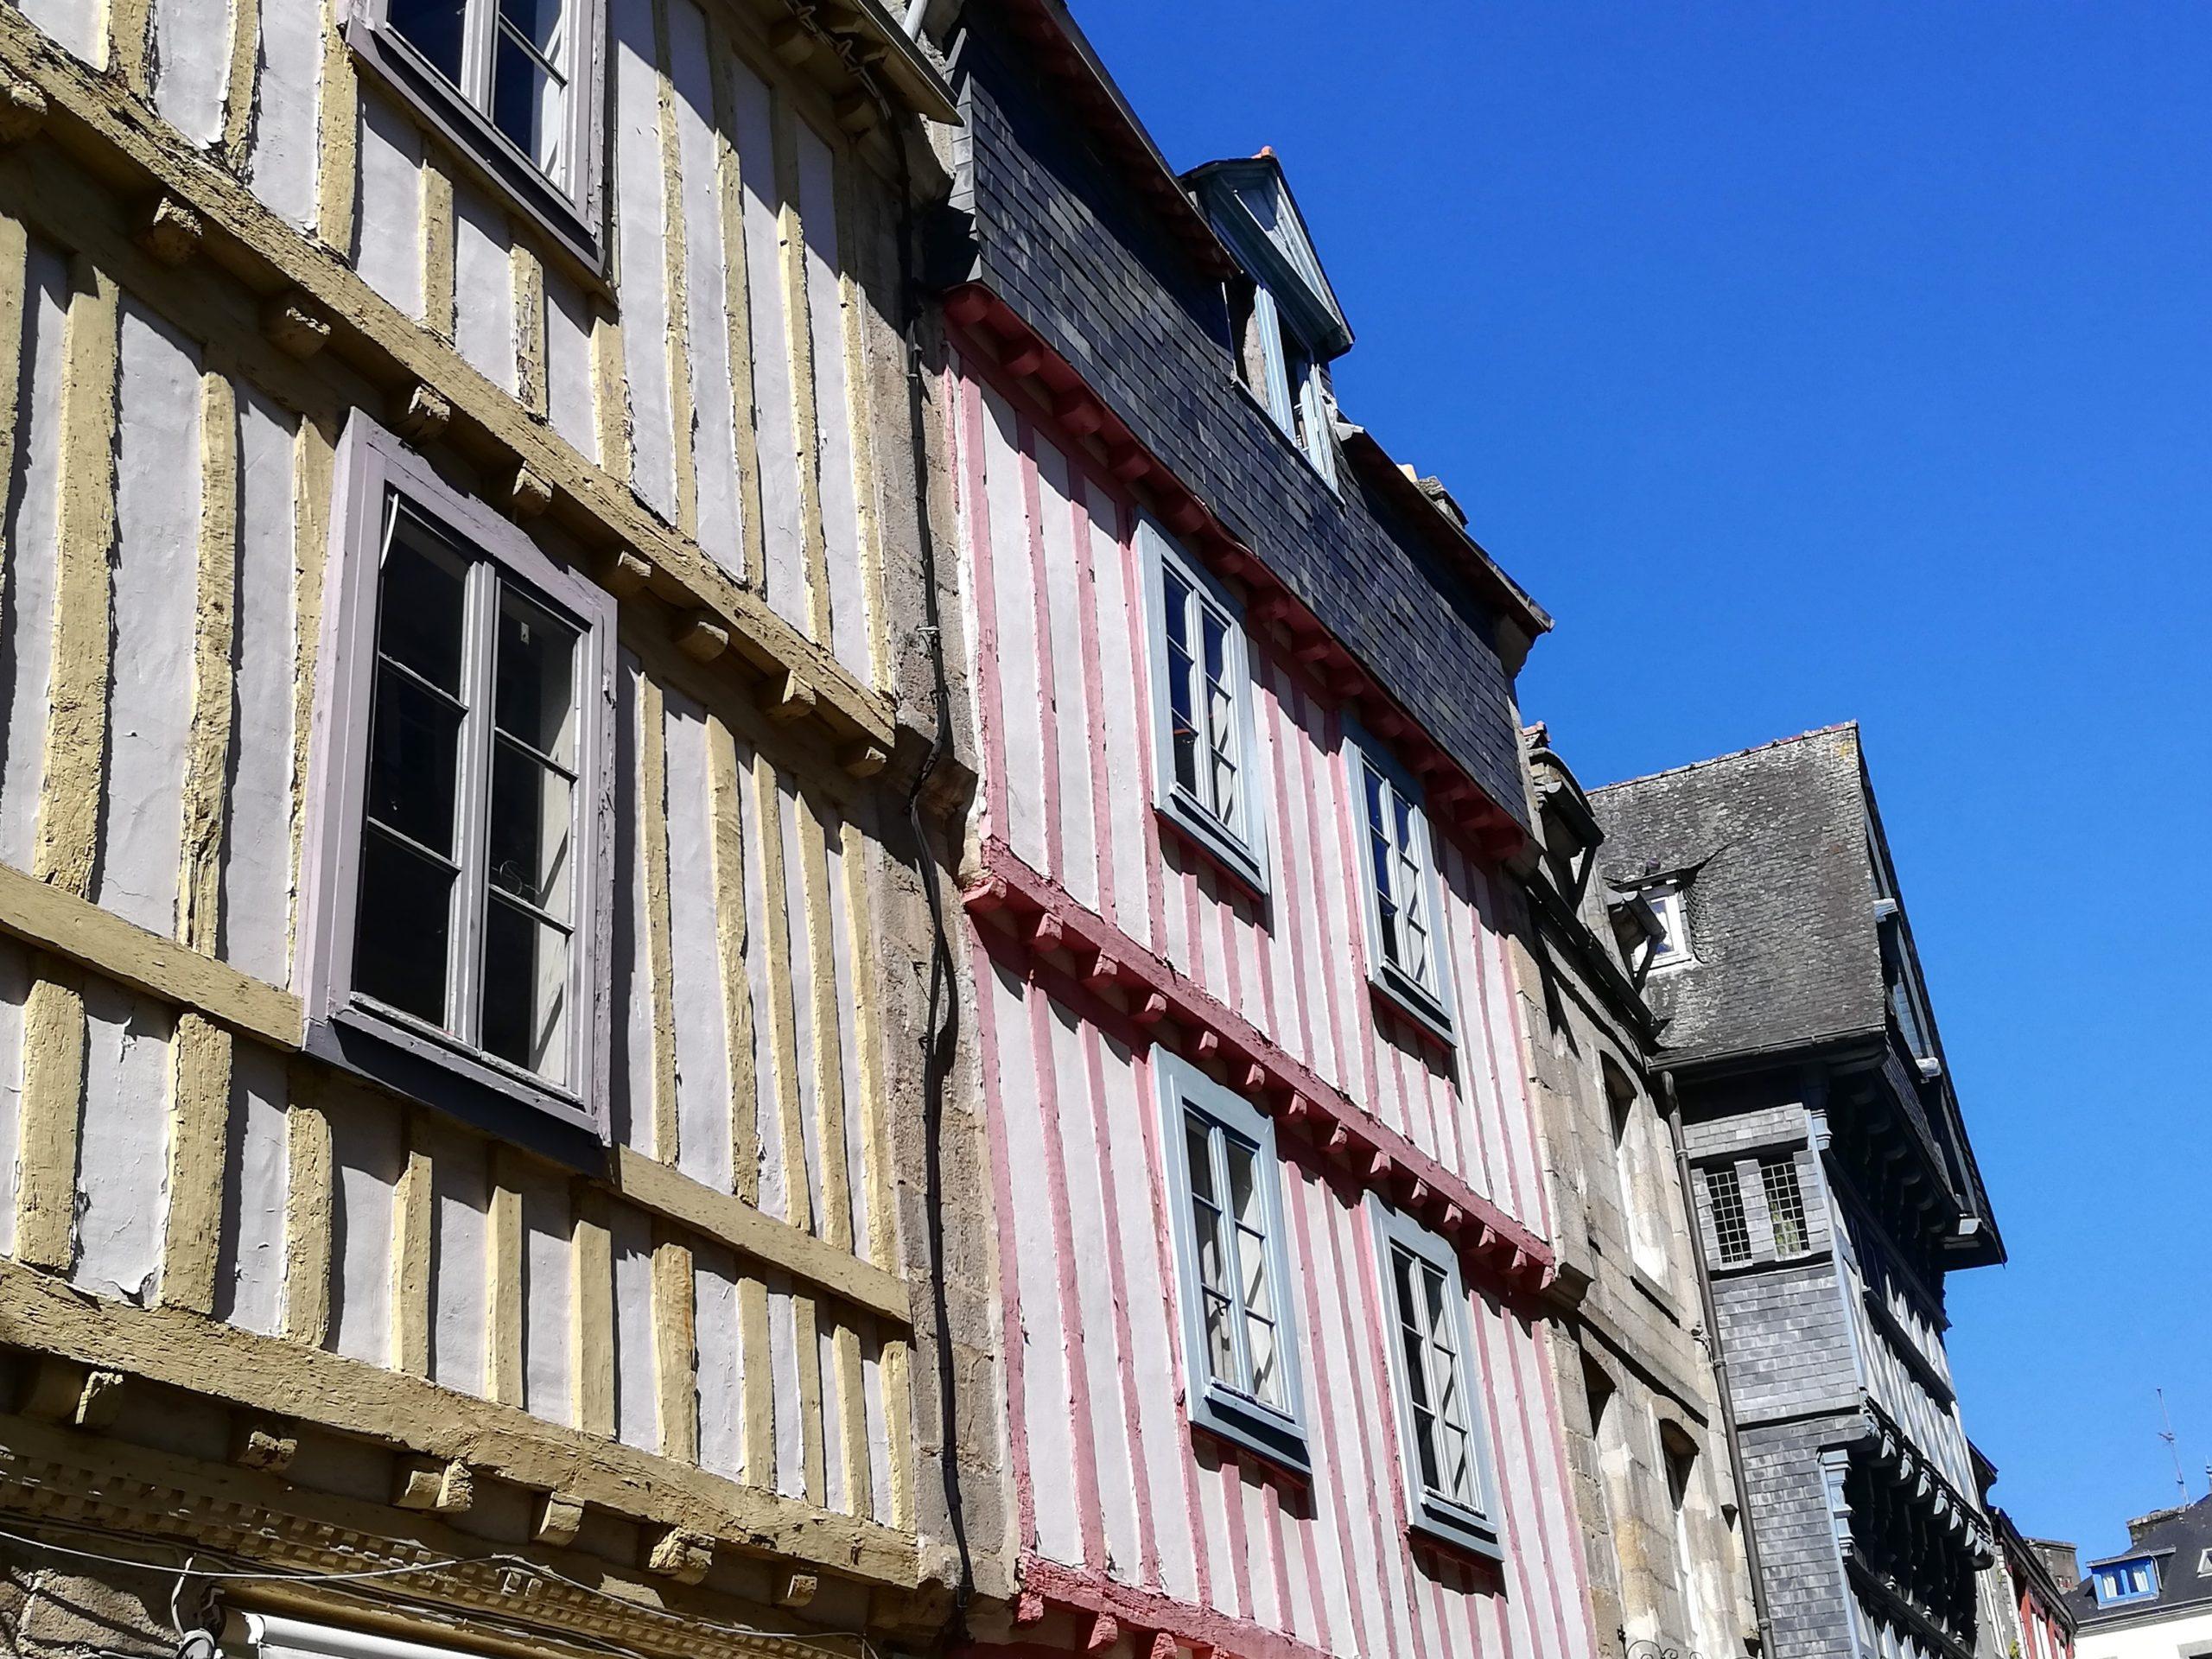 Maisons à colombages Quimper Bretagne